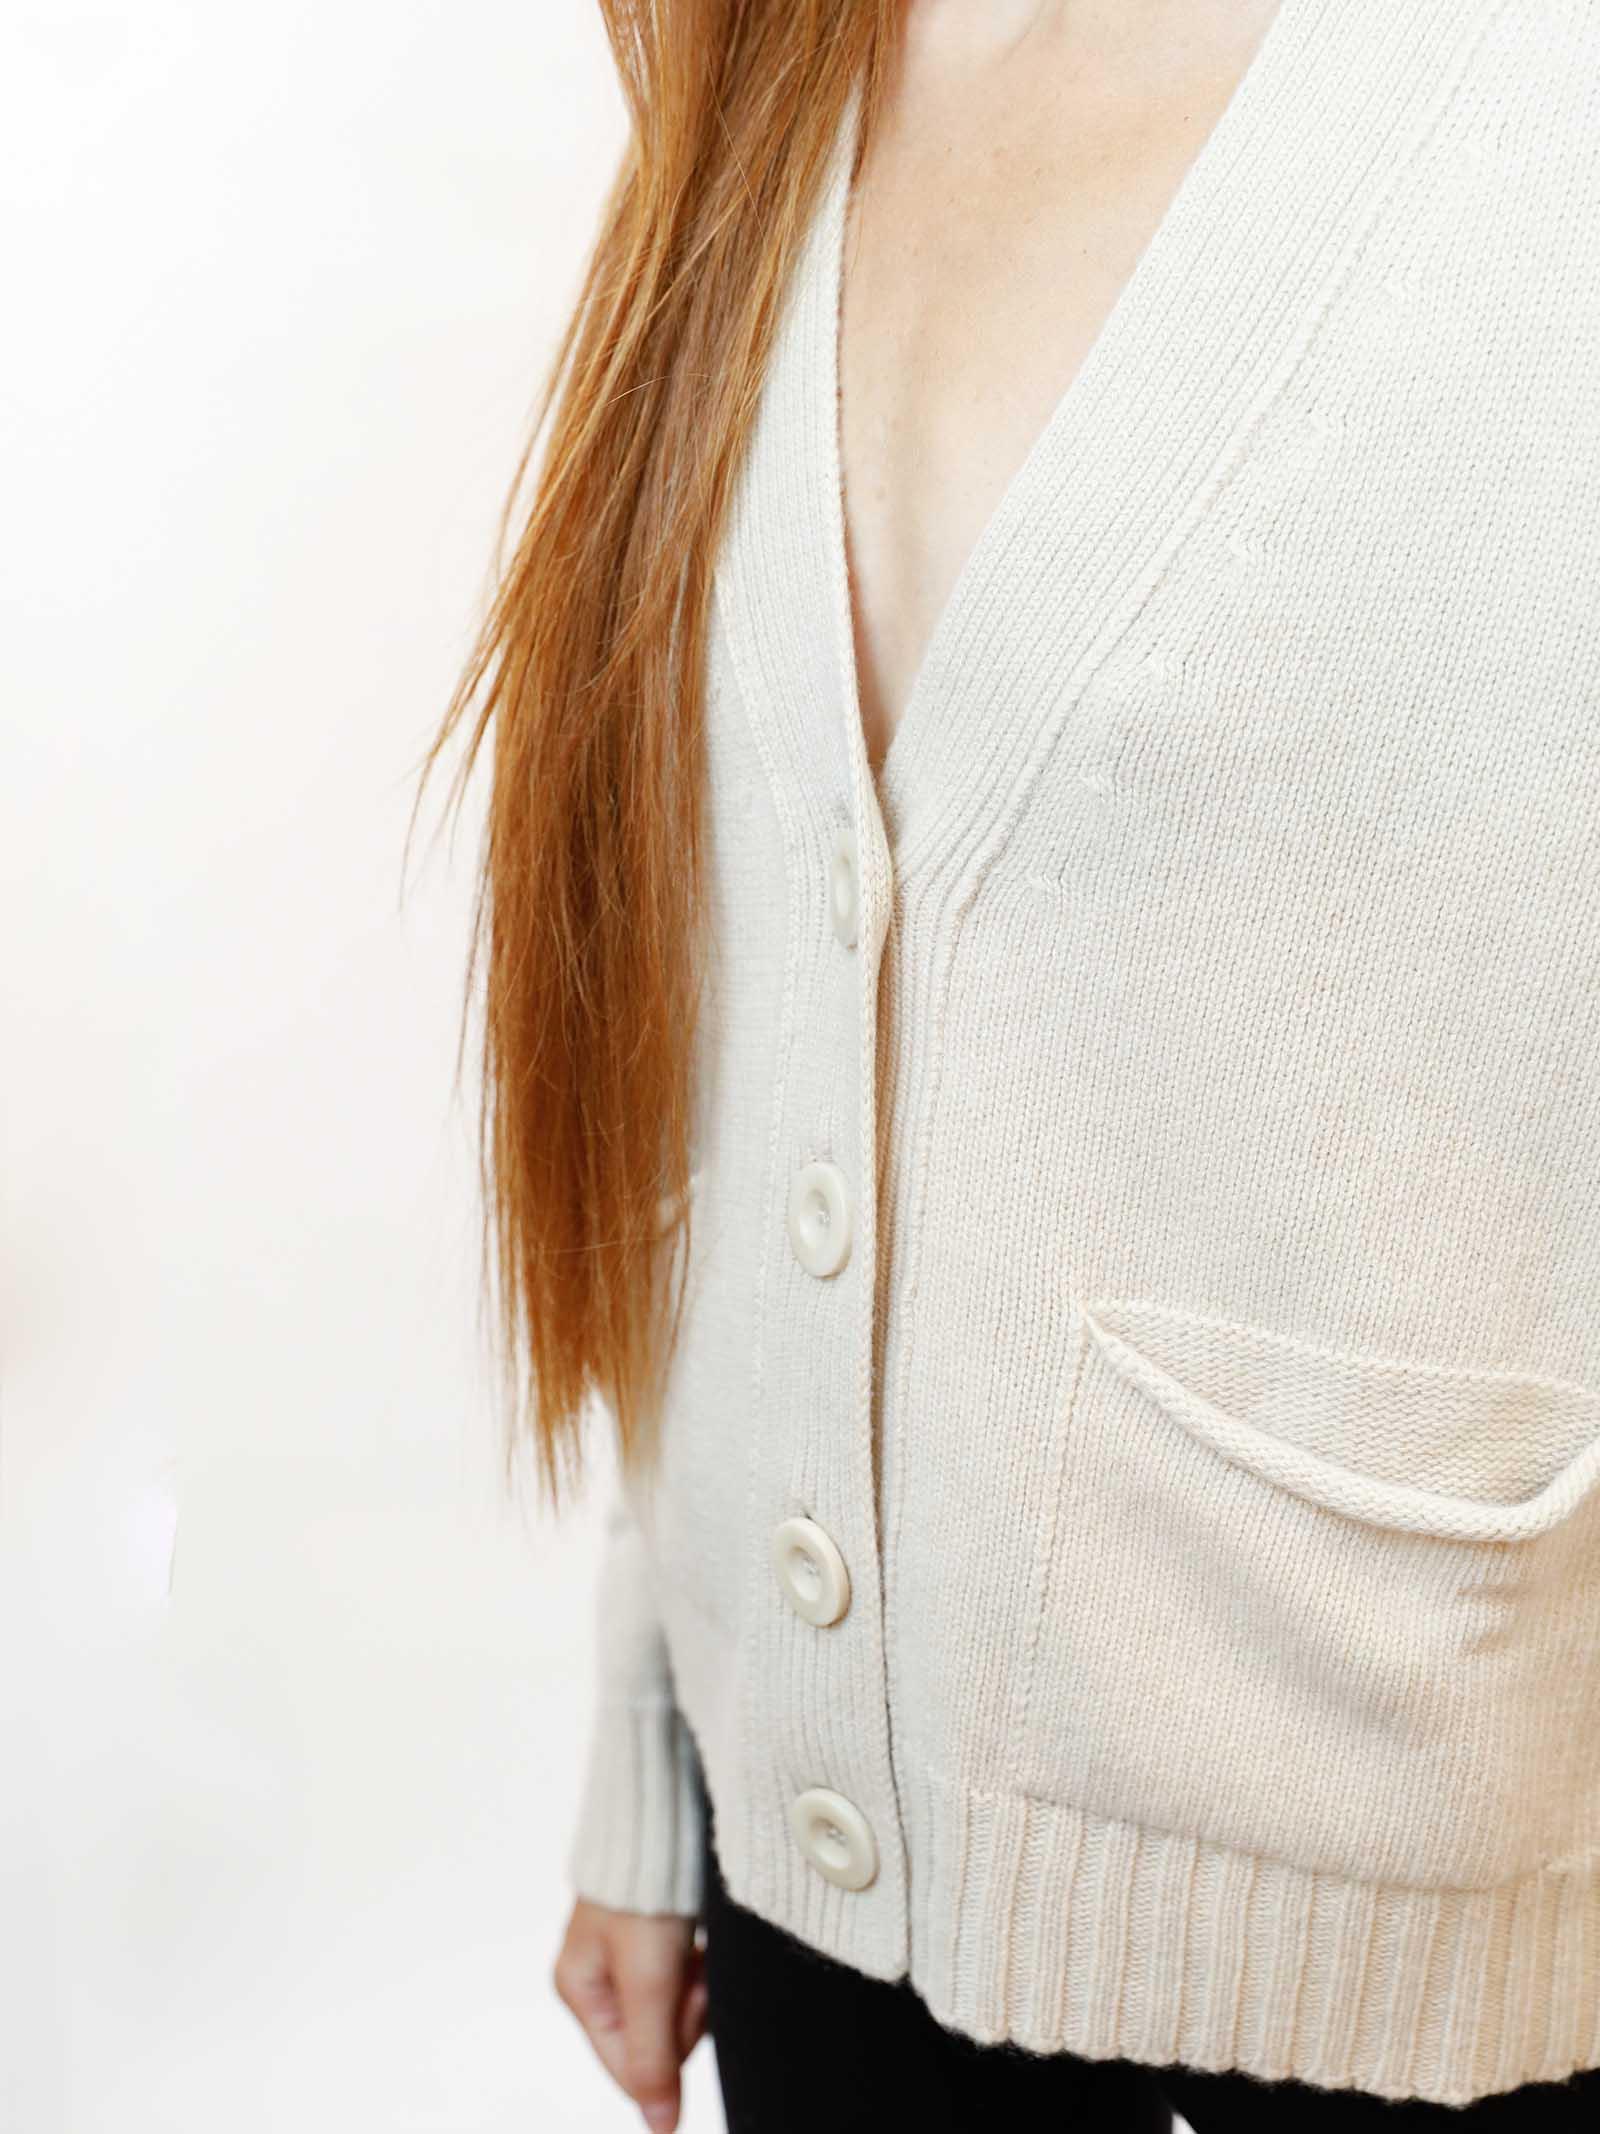 Abbigliamento Donna Cardigan Misto Cachemire in Avorio con Bottoni in Tinta Maliparmi | Maglieria | JN35537431510003